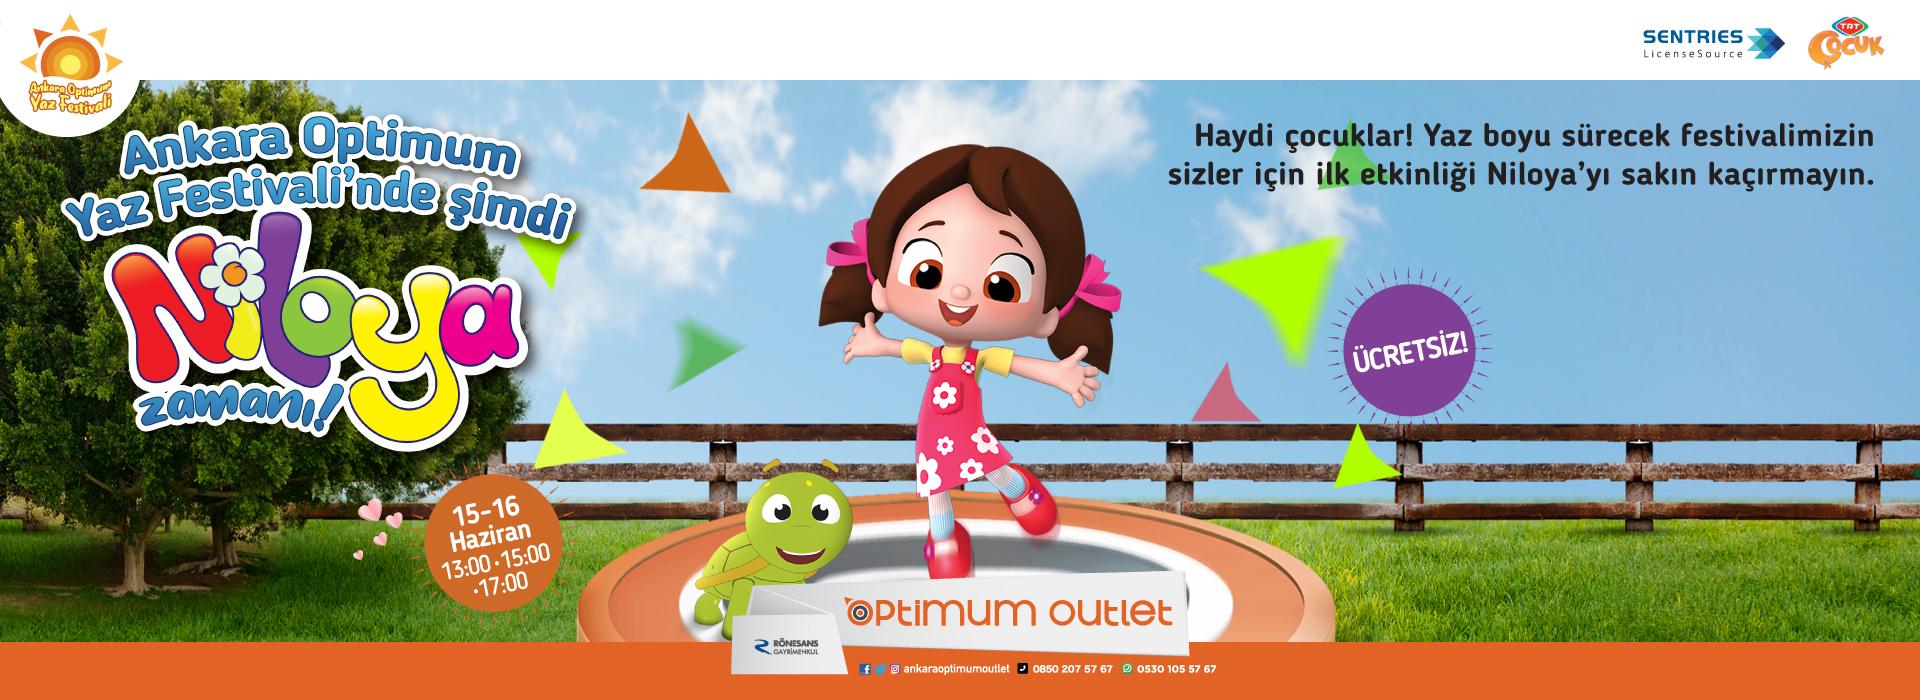 Ankara Optimum Yaz Festivali'nde Şimdi Niloya Zamanı